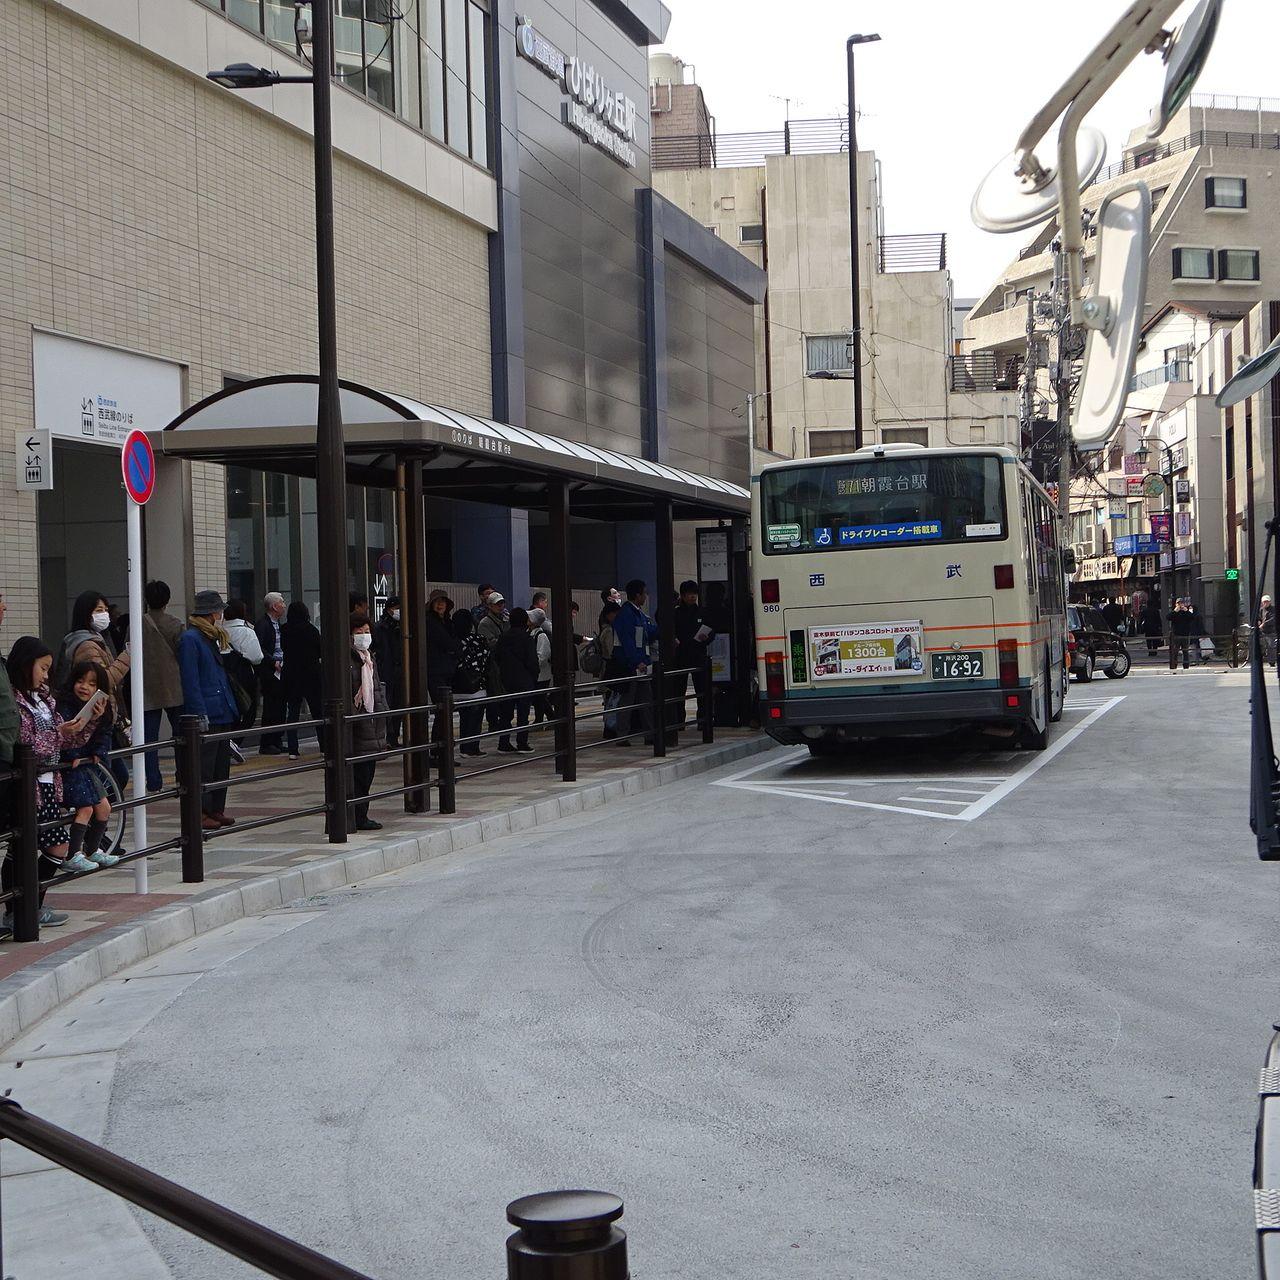 混みあうバス停の様子